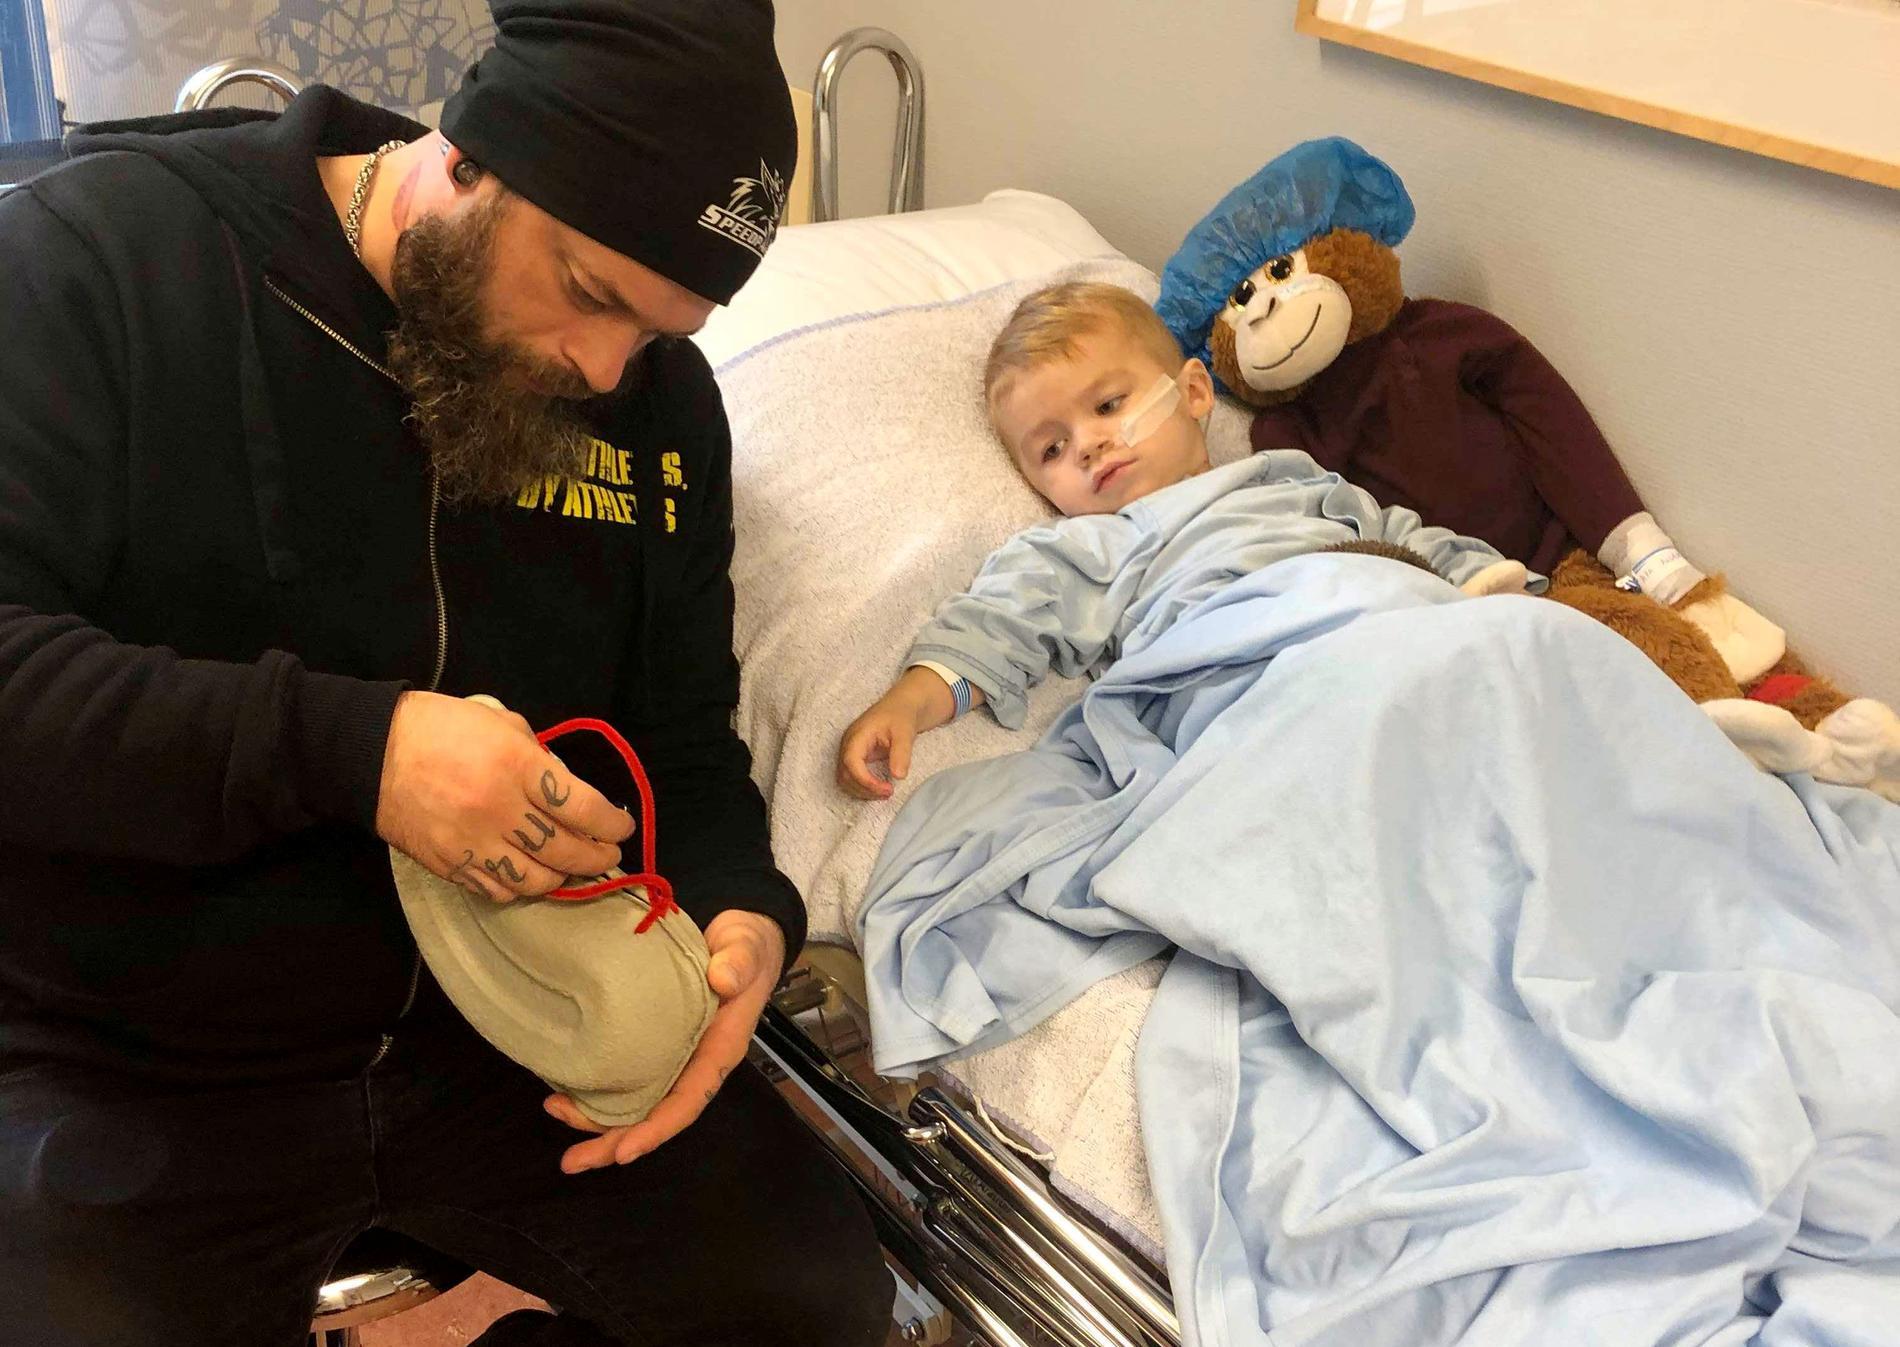 Bastian har varit på ett flertal sjukhusbesök, ändå vet man vad som är fel enligt mamman Helle.